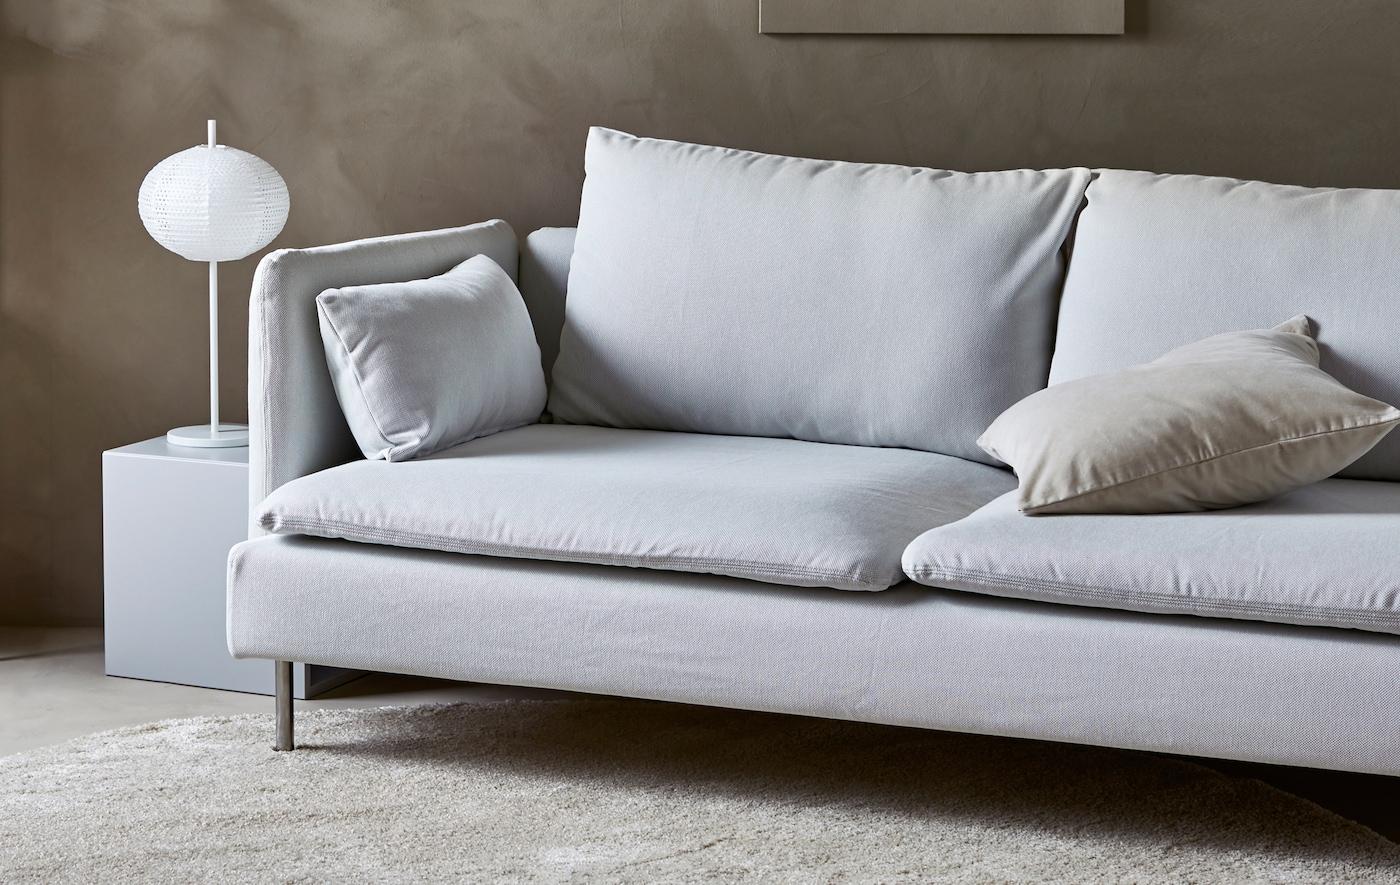 Un sofá moderno en un cálido salón de color tierra y estilo minimalista.